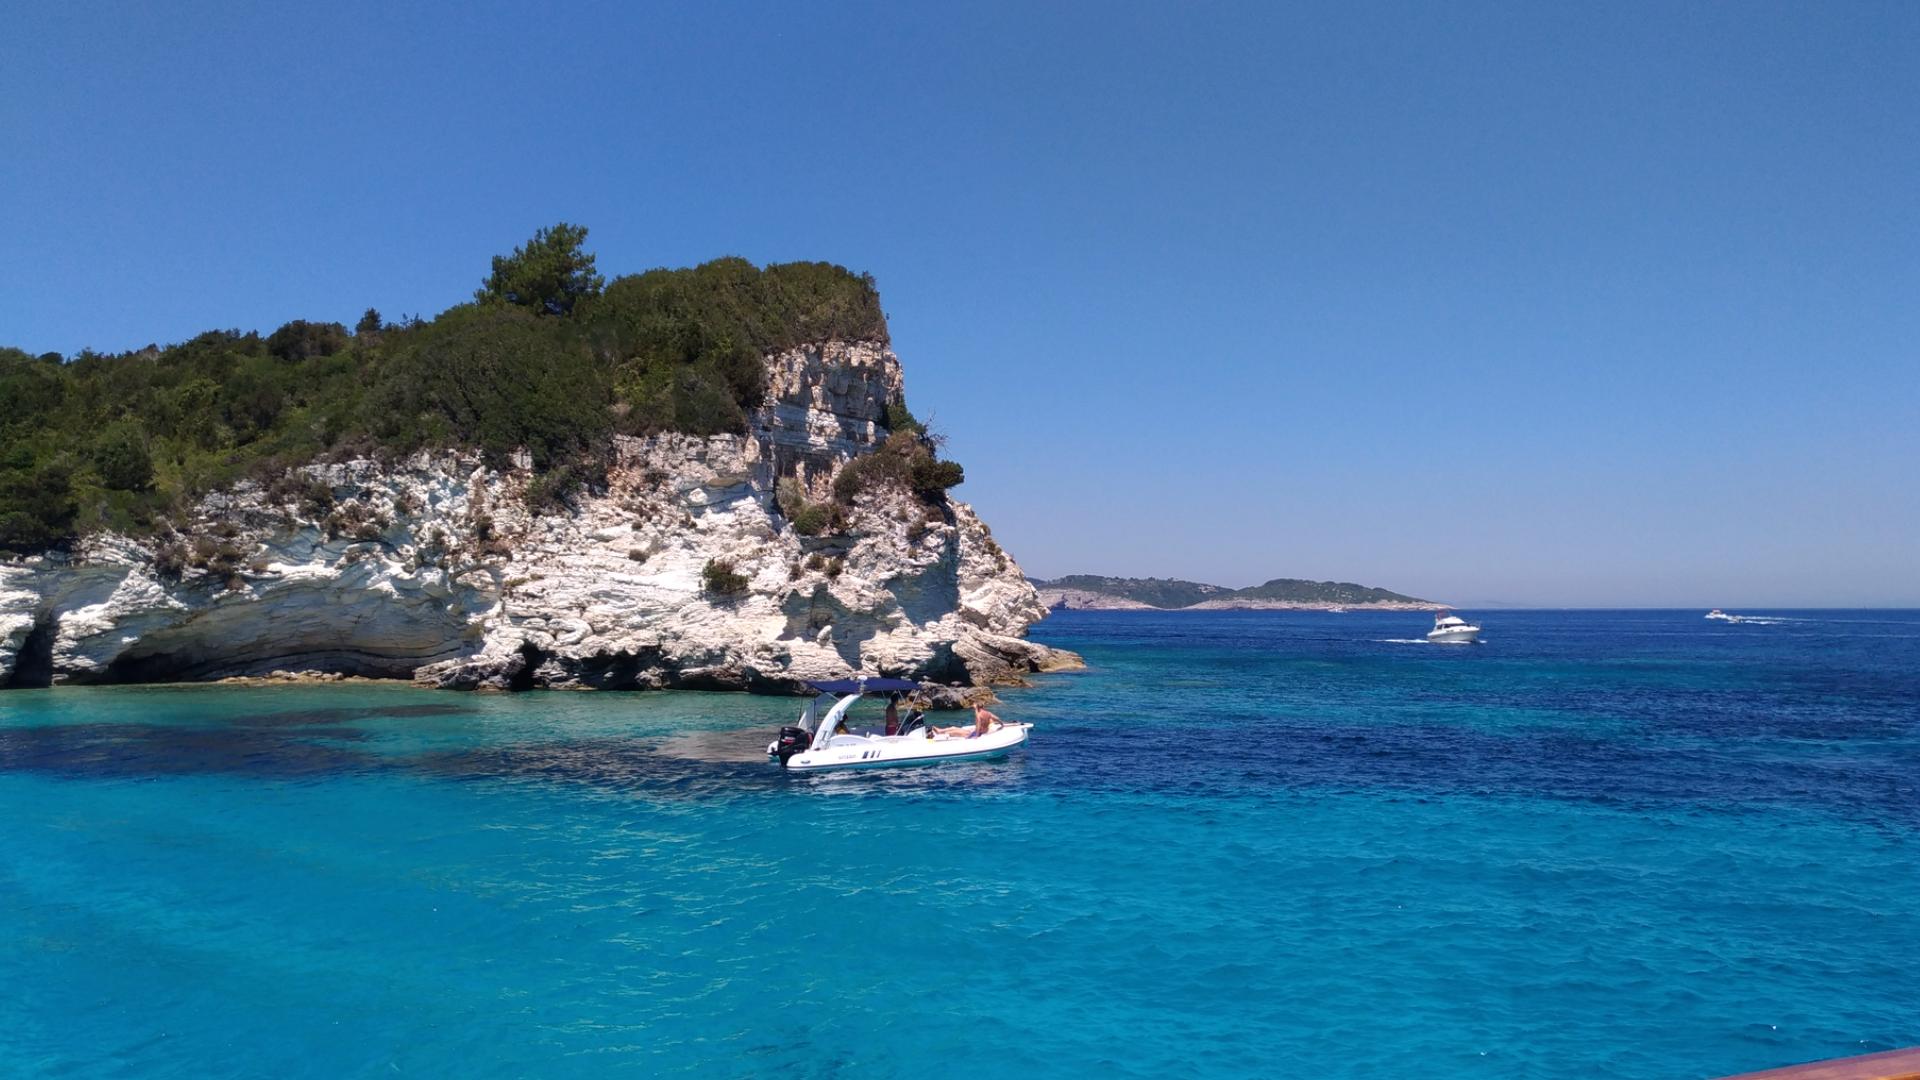 Антипаксос. Остров. Греция. Ионические острова